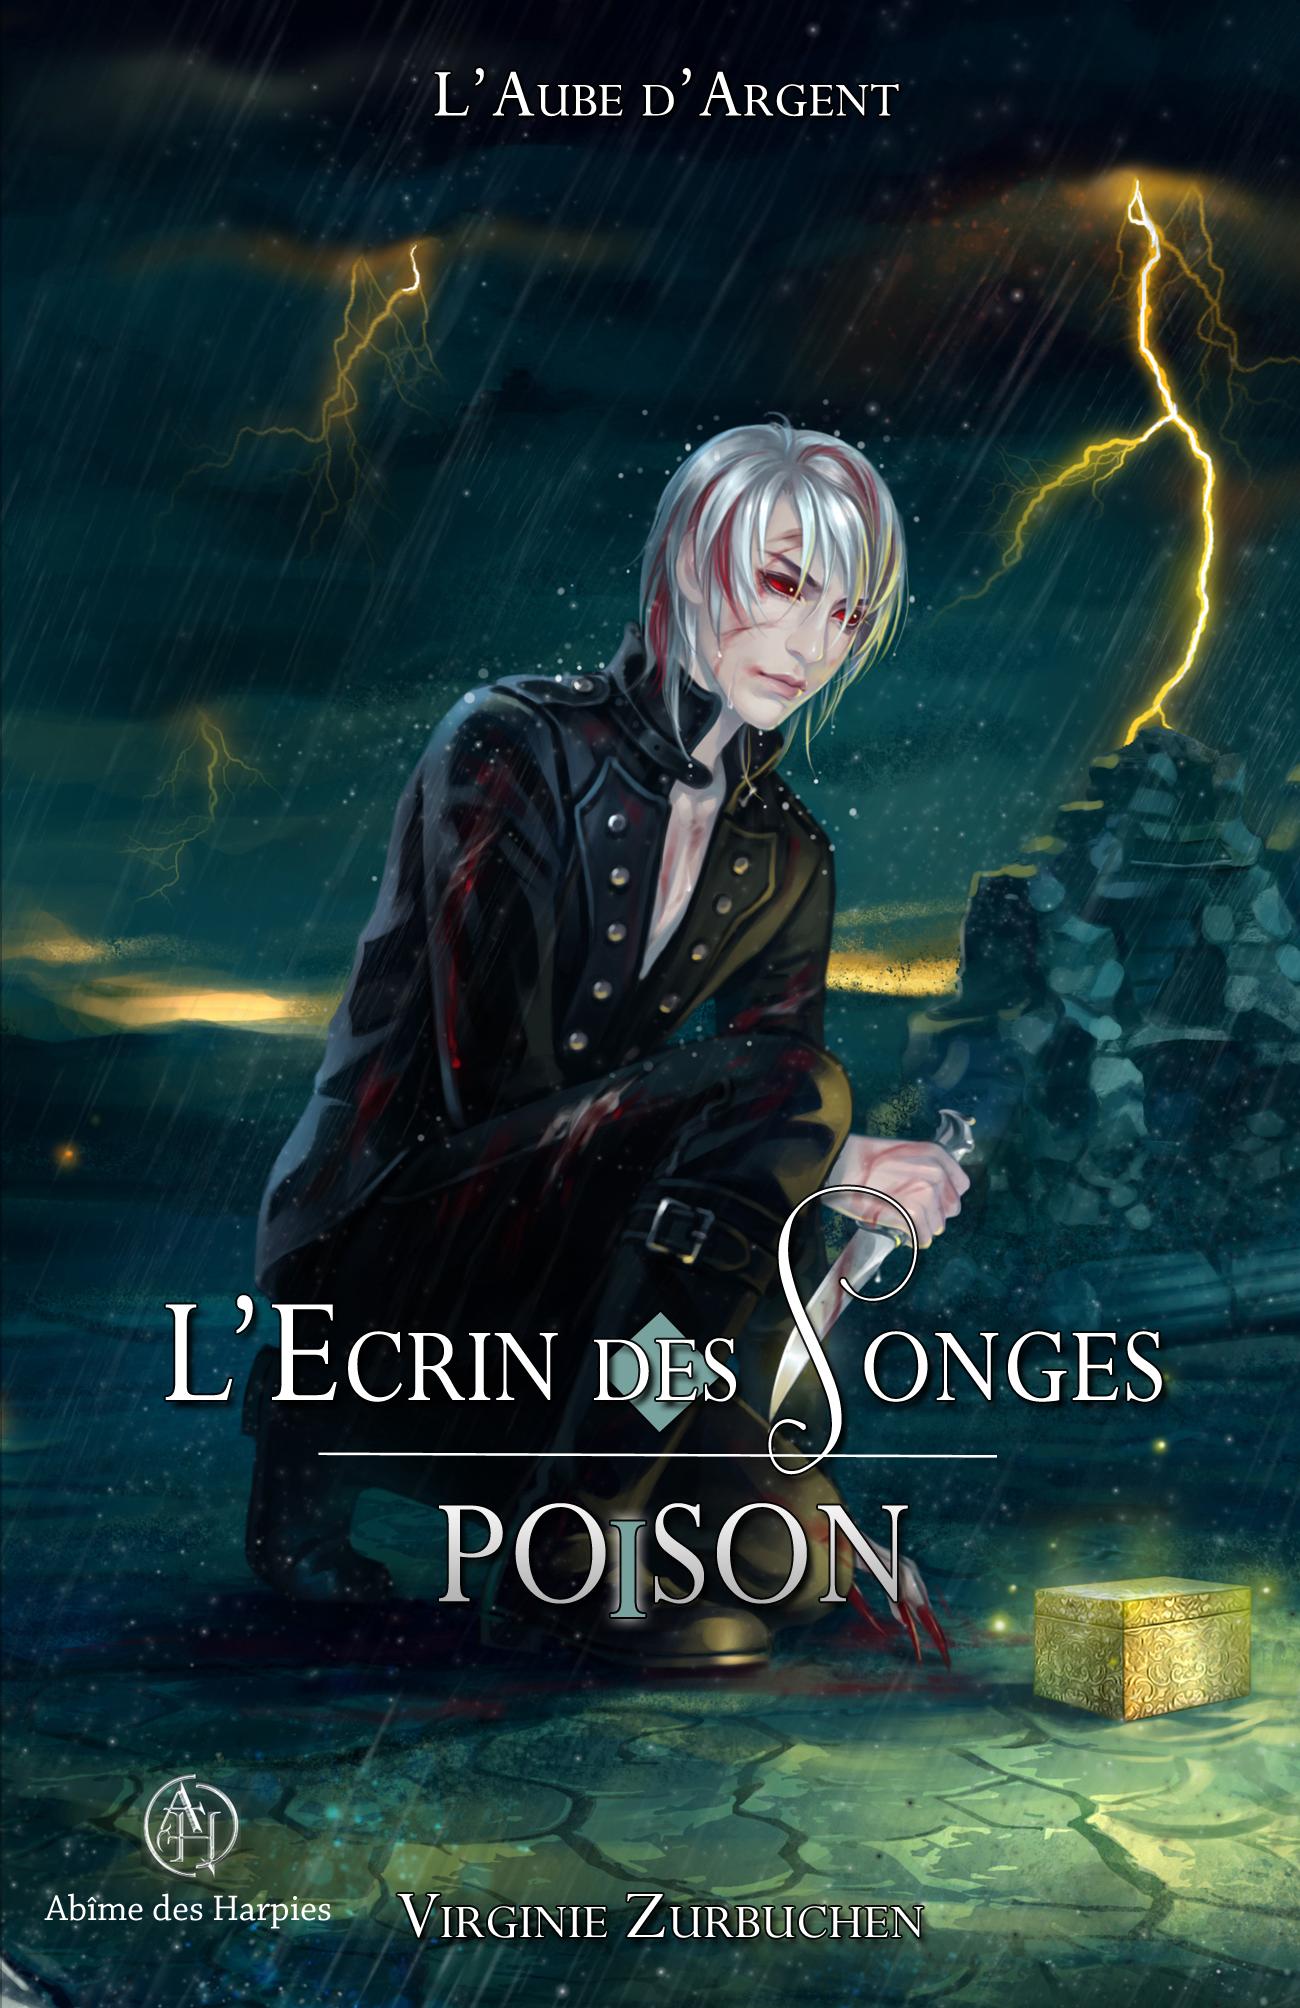 L'Ecrin des Songes - 4 - Poison